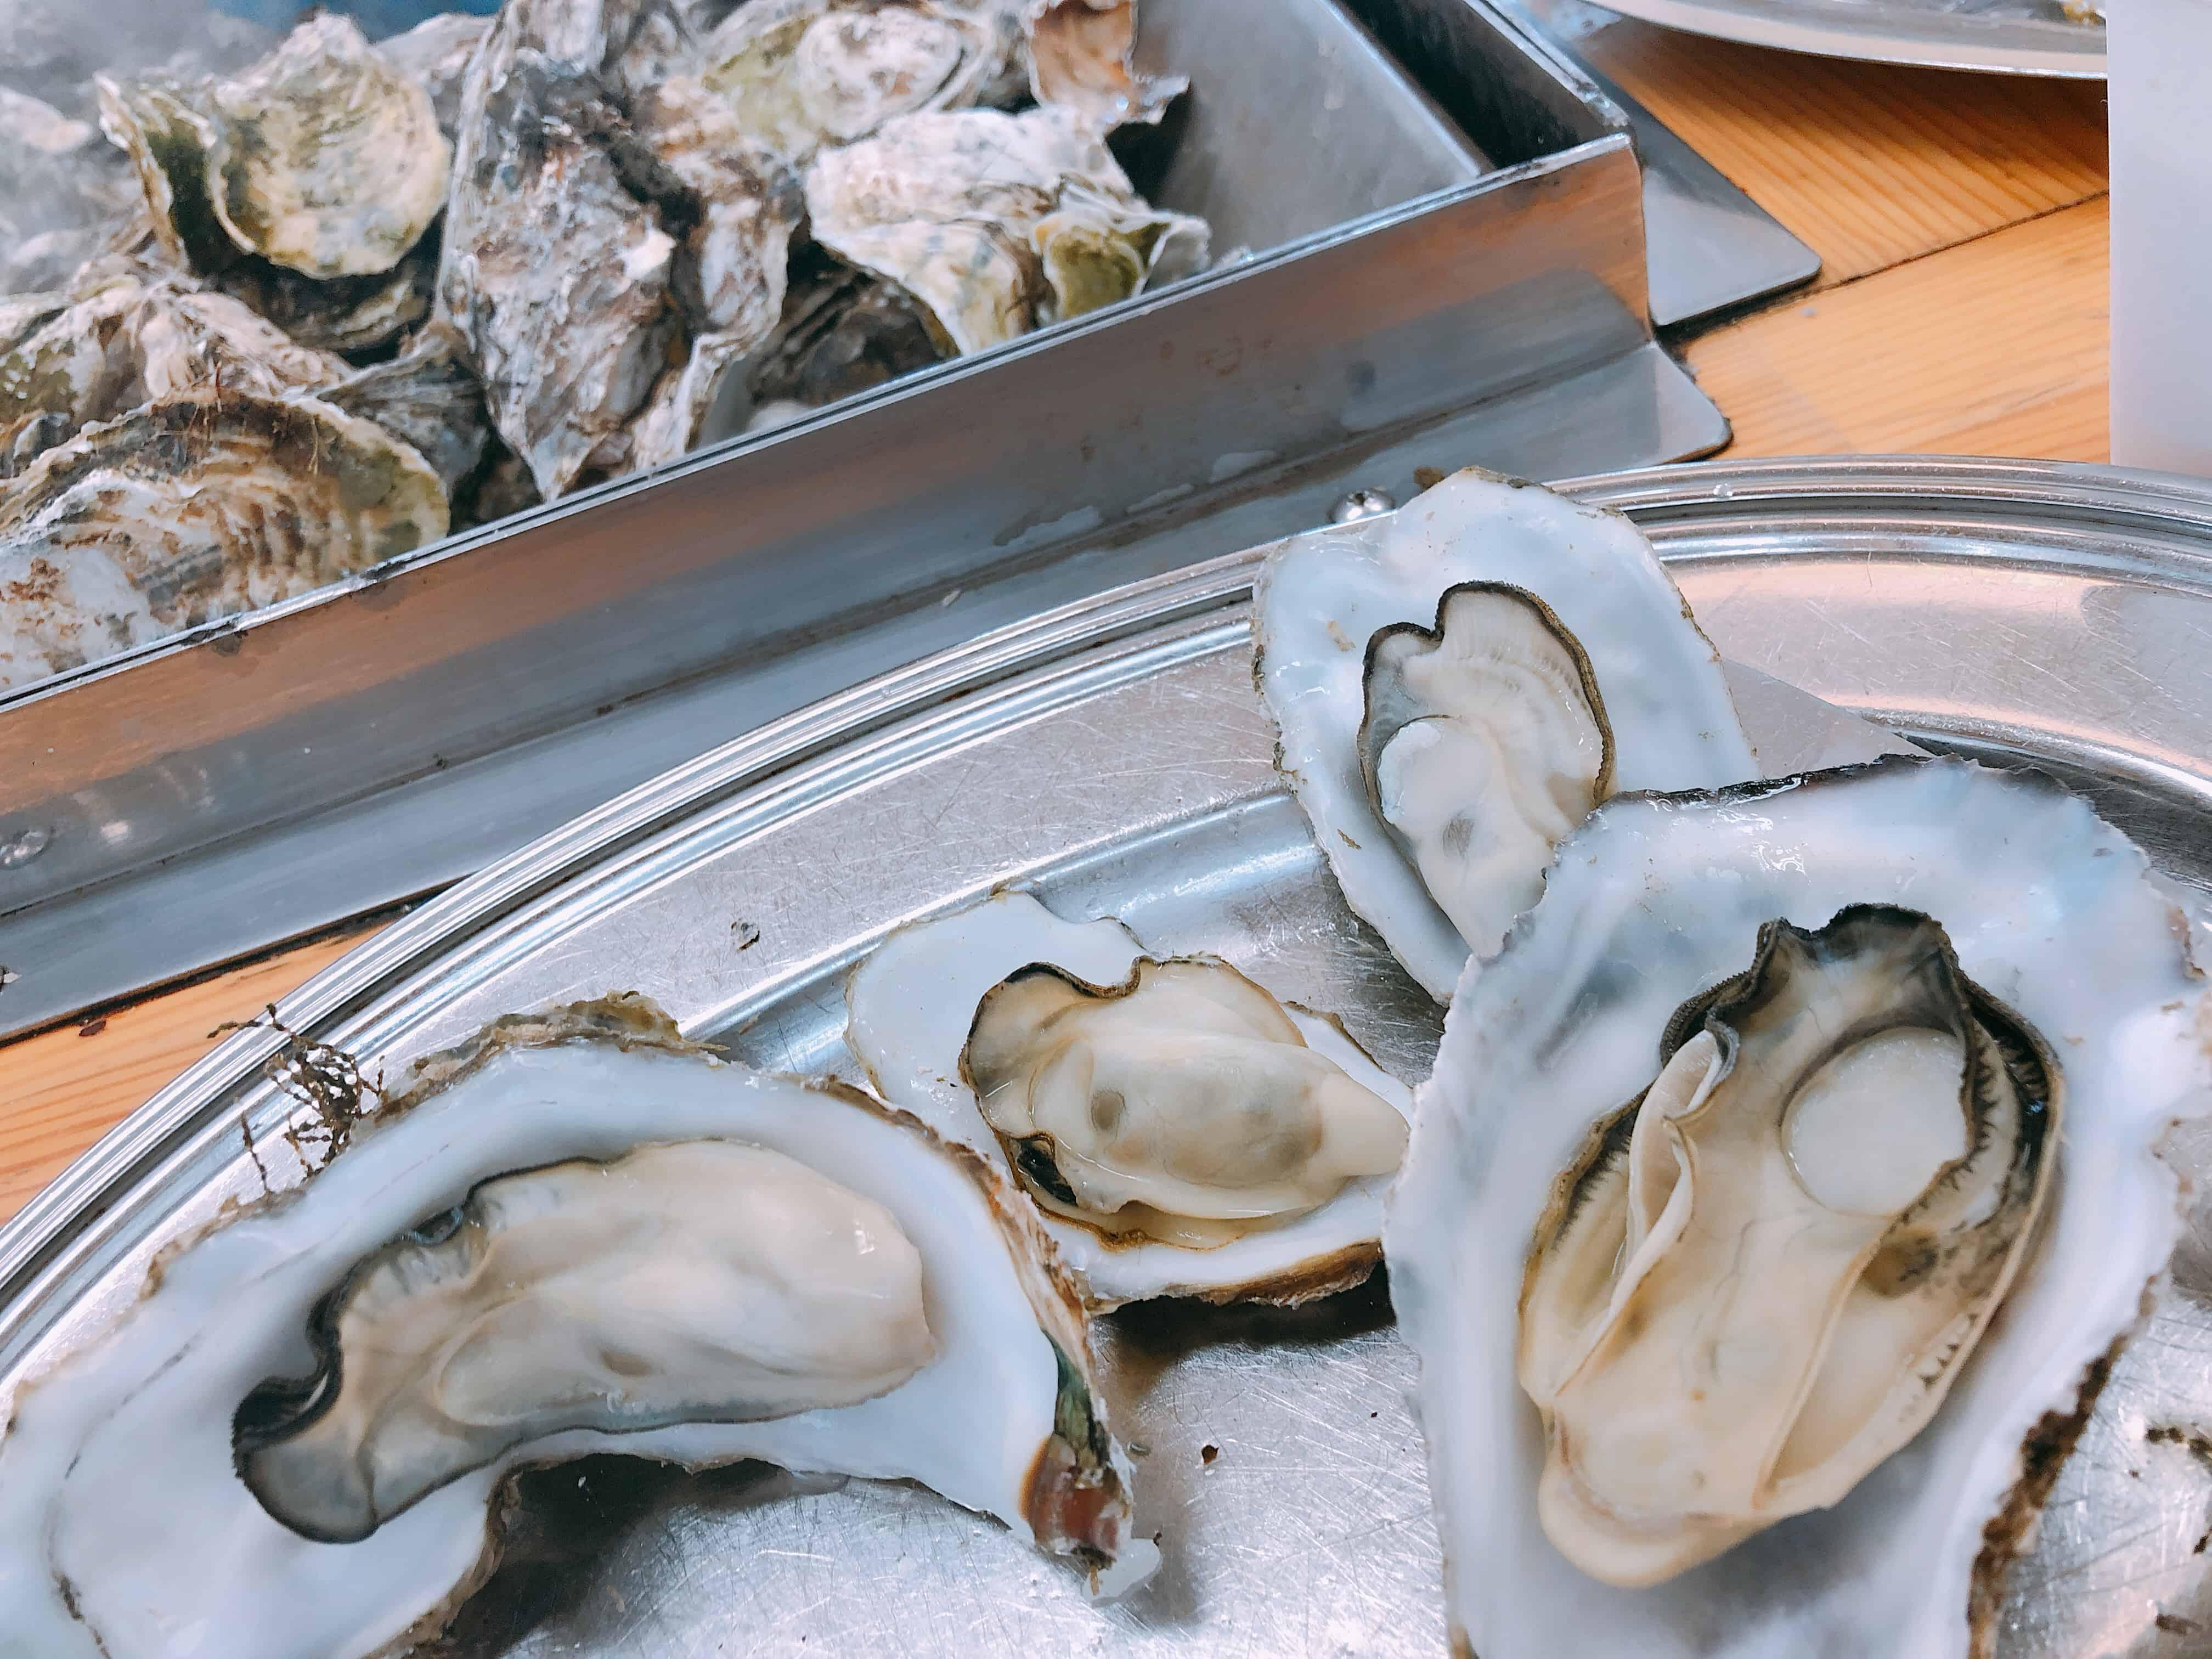 มัตสึชิมะ (โทโฮคุ) เป็นแหล่งประมงหอยนางรม พบมากใน ฤดูหนาว